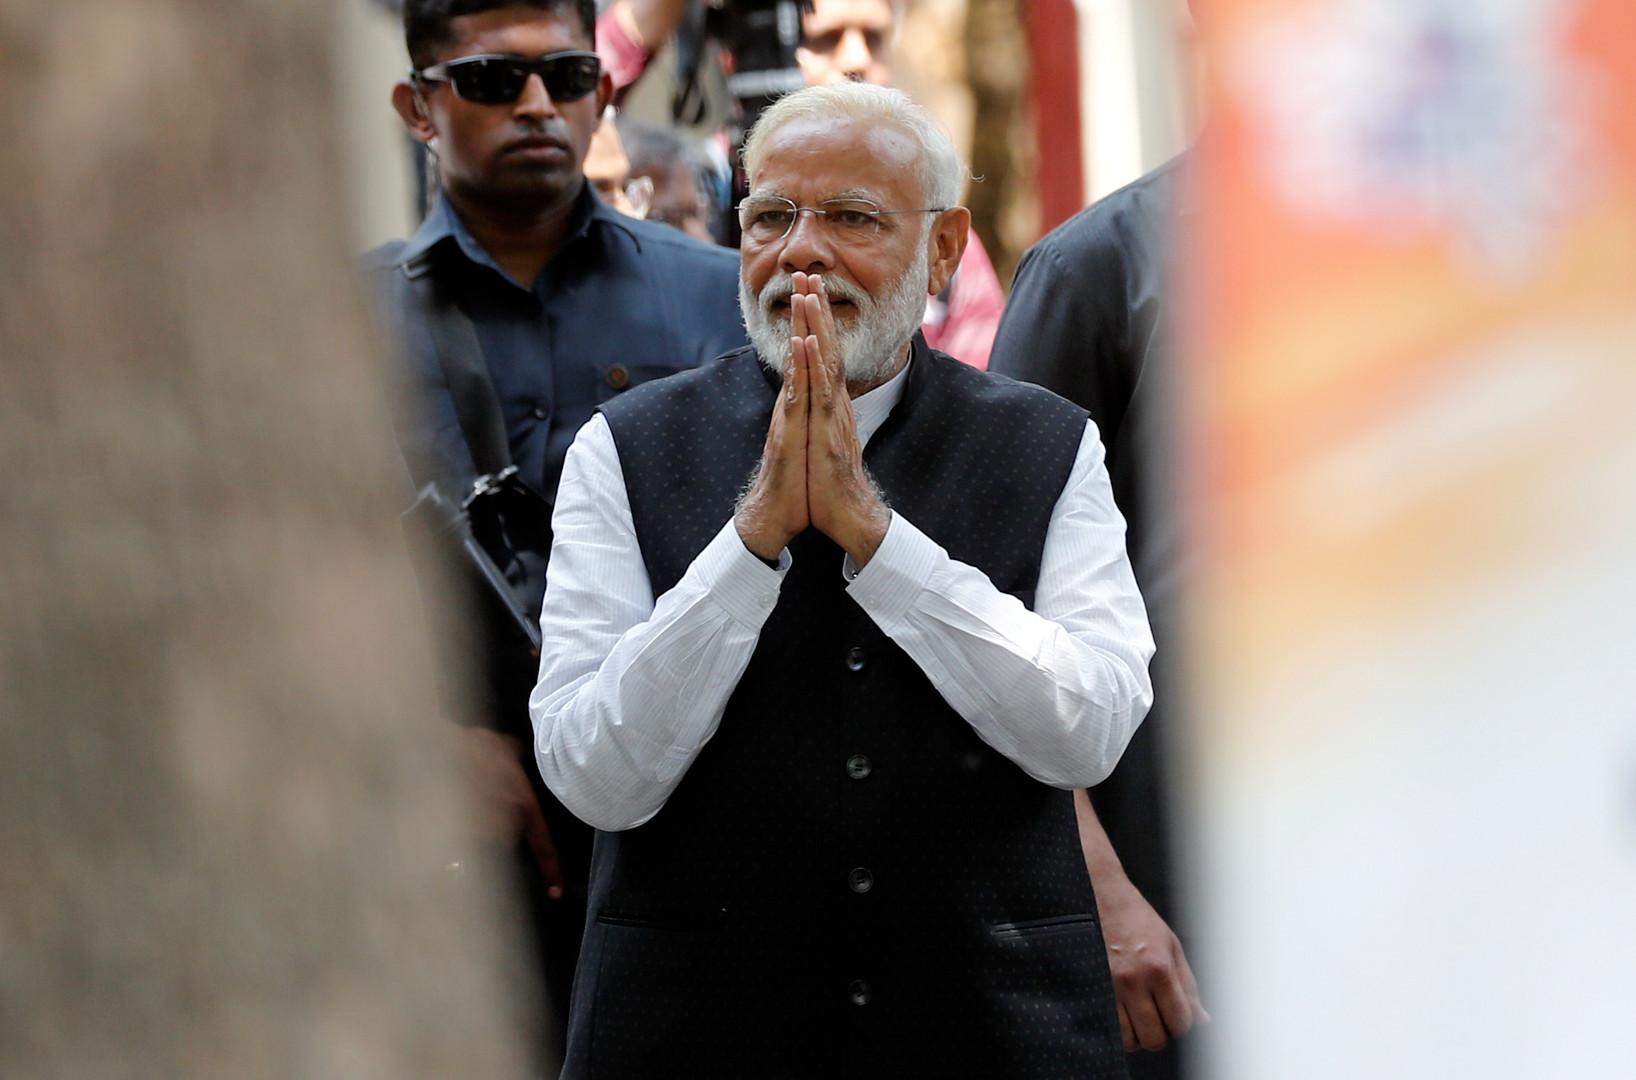 رئيس الوزراء الهندي: الإجراءات في كشمير تاريخية وستحرر الإقليم من الإرهاب والانفصالية